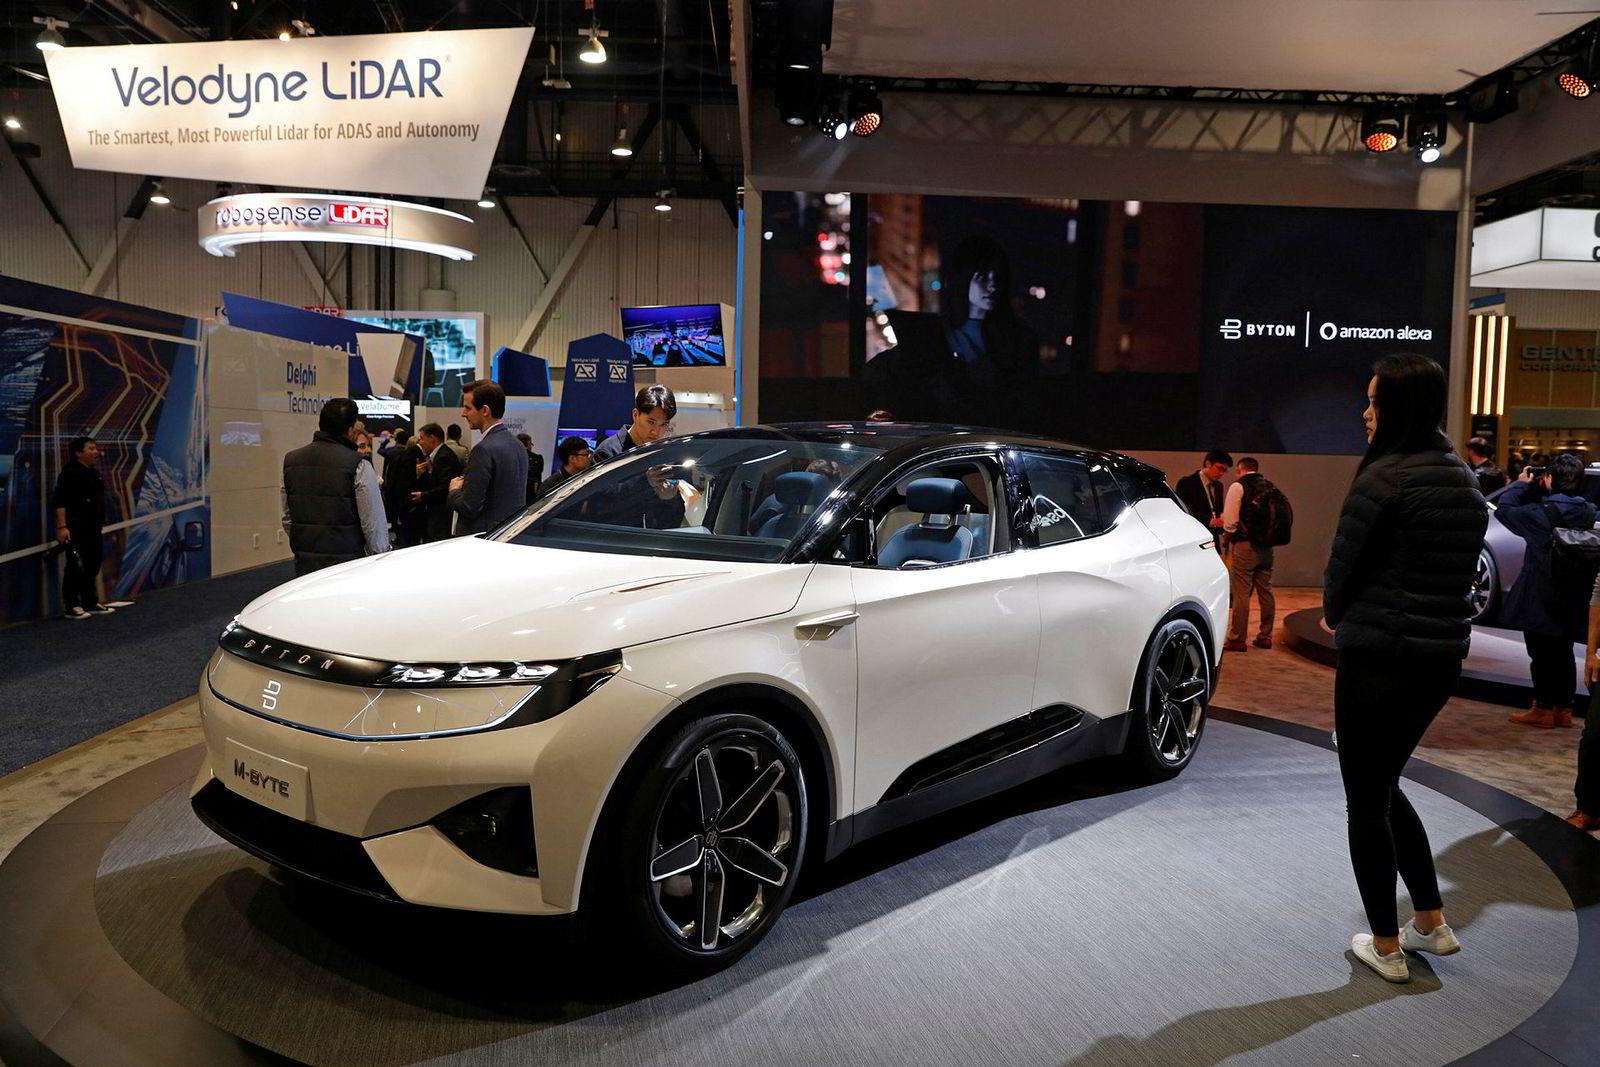 Byton M-Byte var sist å se under teknologimessen CES i Las Vegas i januar.